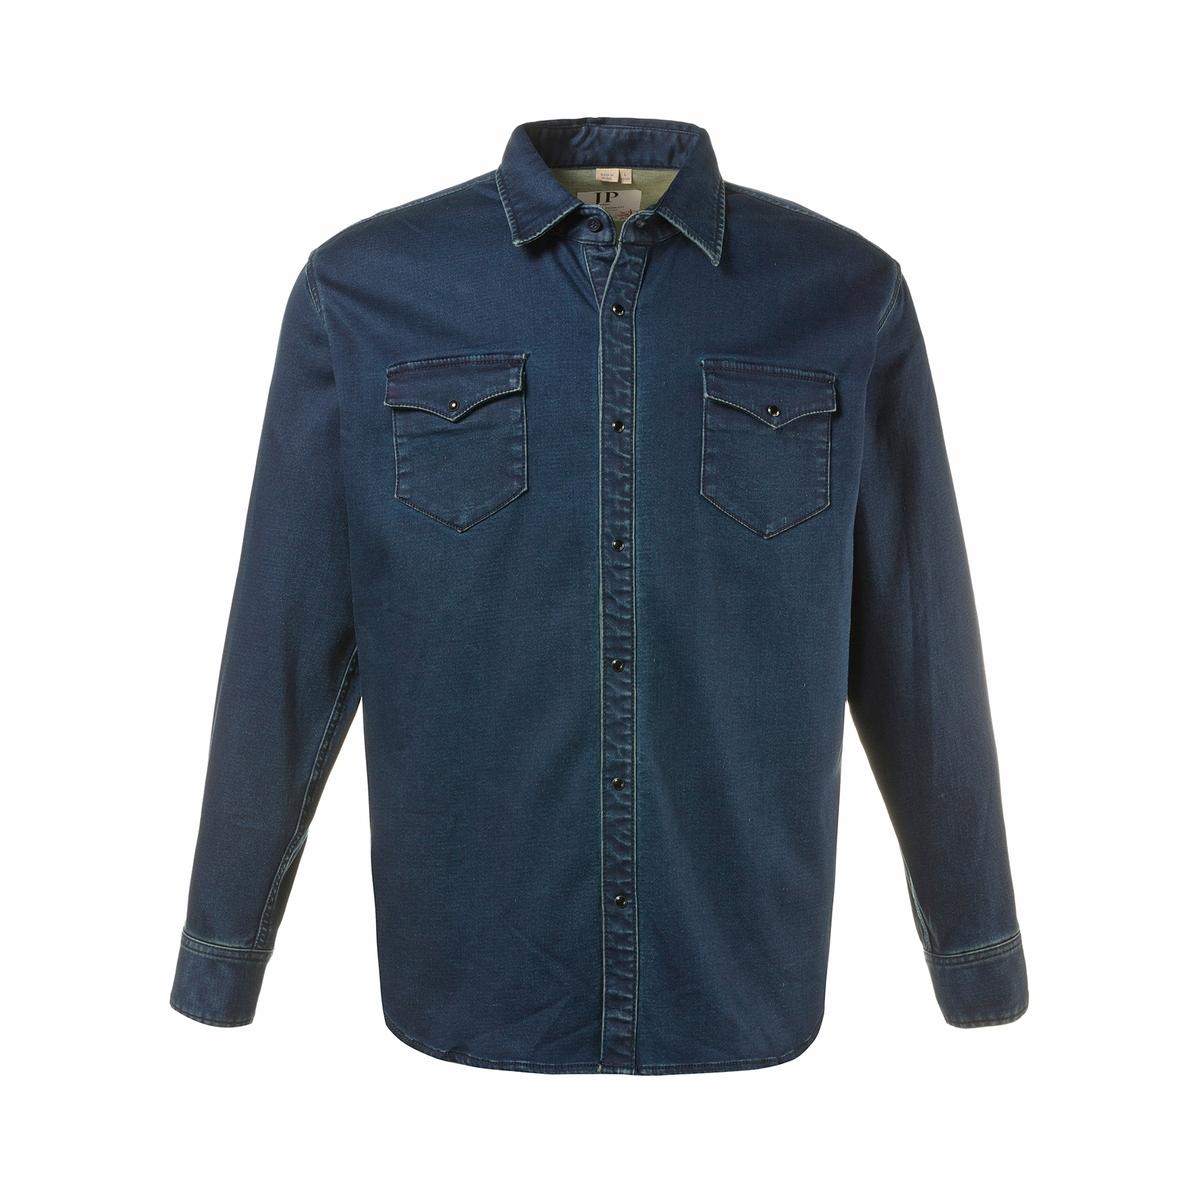 Рубашка из денимаПриталенный покрой, рубашку можно носить навыпуск. Длина в зависимости от размера 78-94 см<br><br>Цвет: синий<br>Размер: 4XL